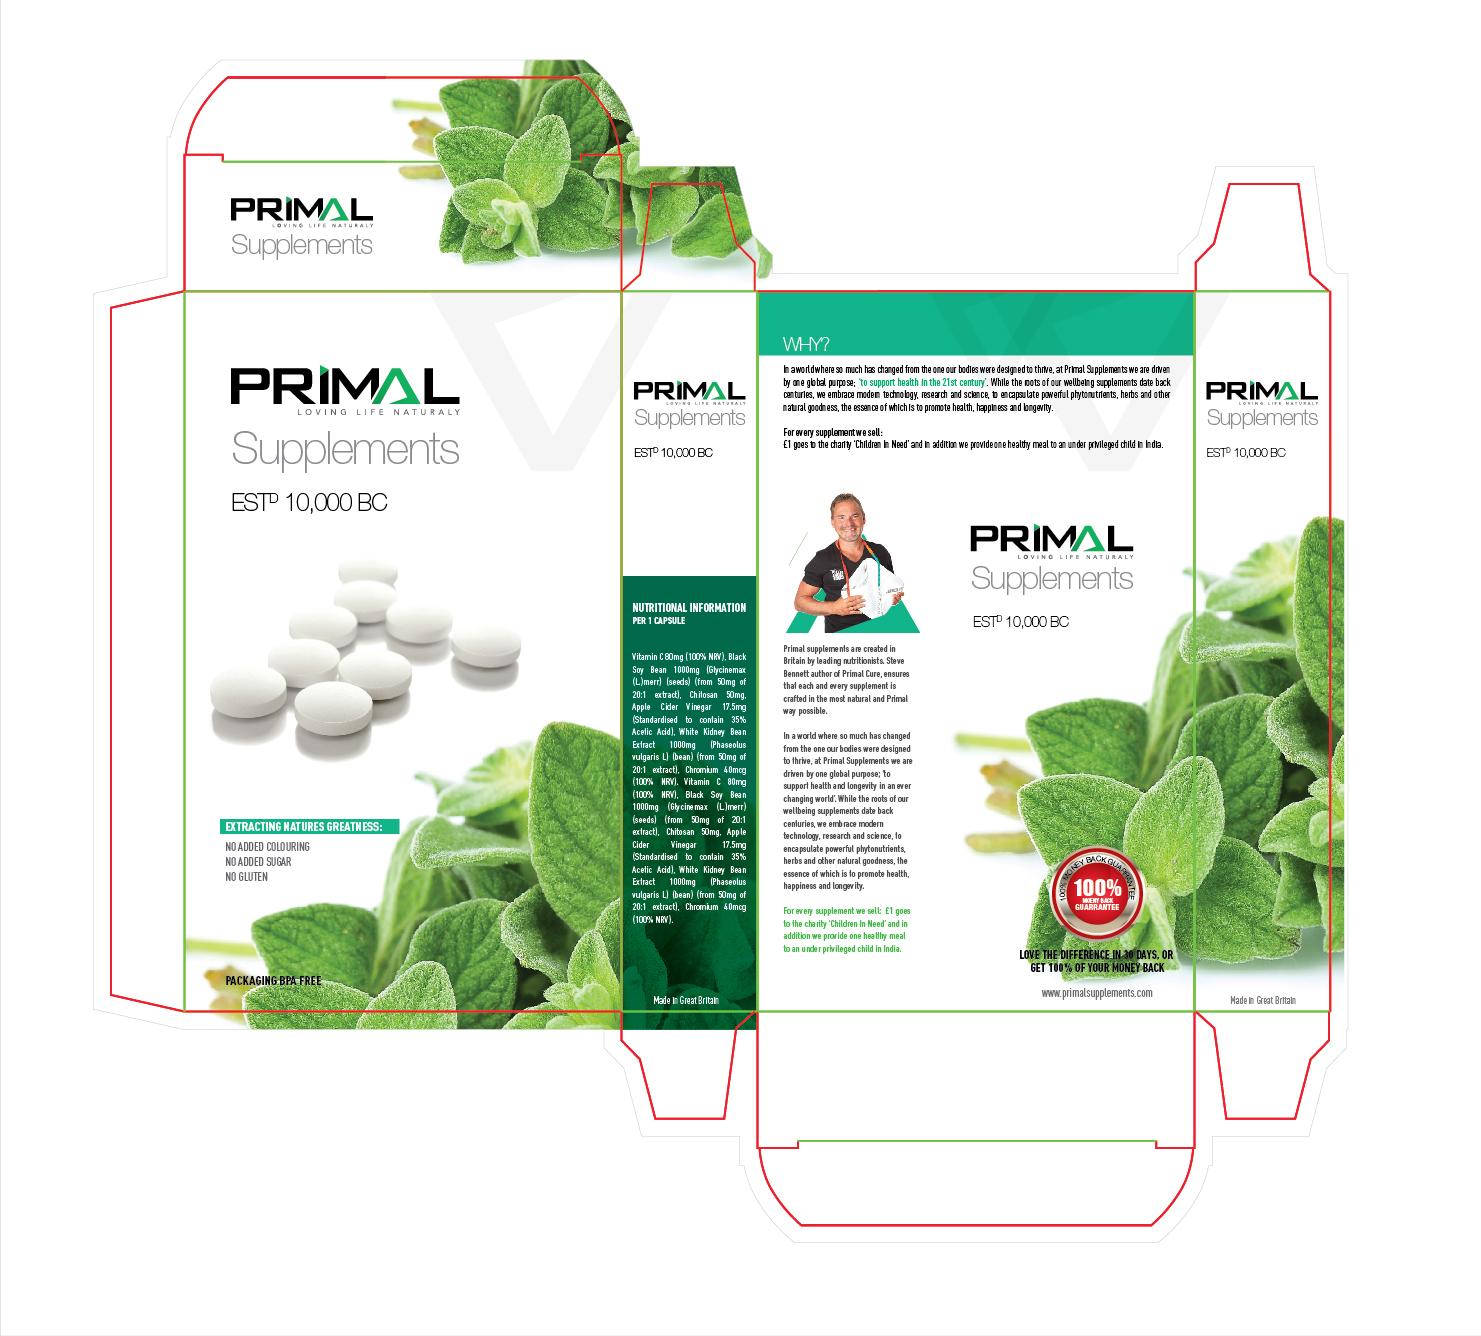 Professional, Elegant, Medical Packaging Design for PRIMAL